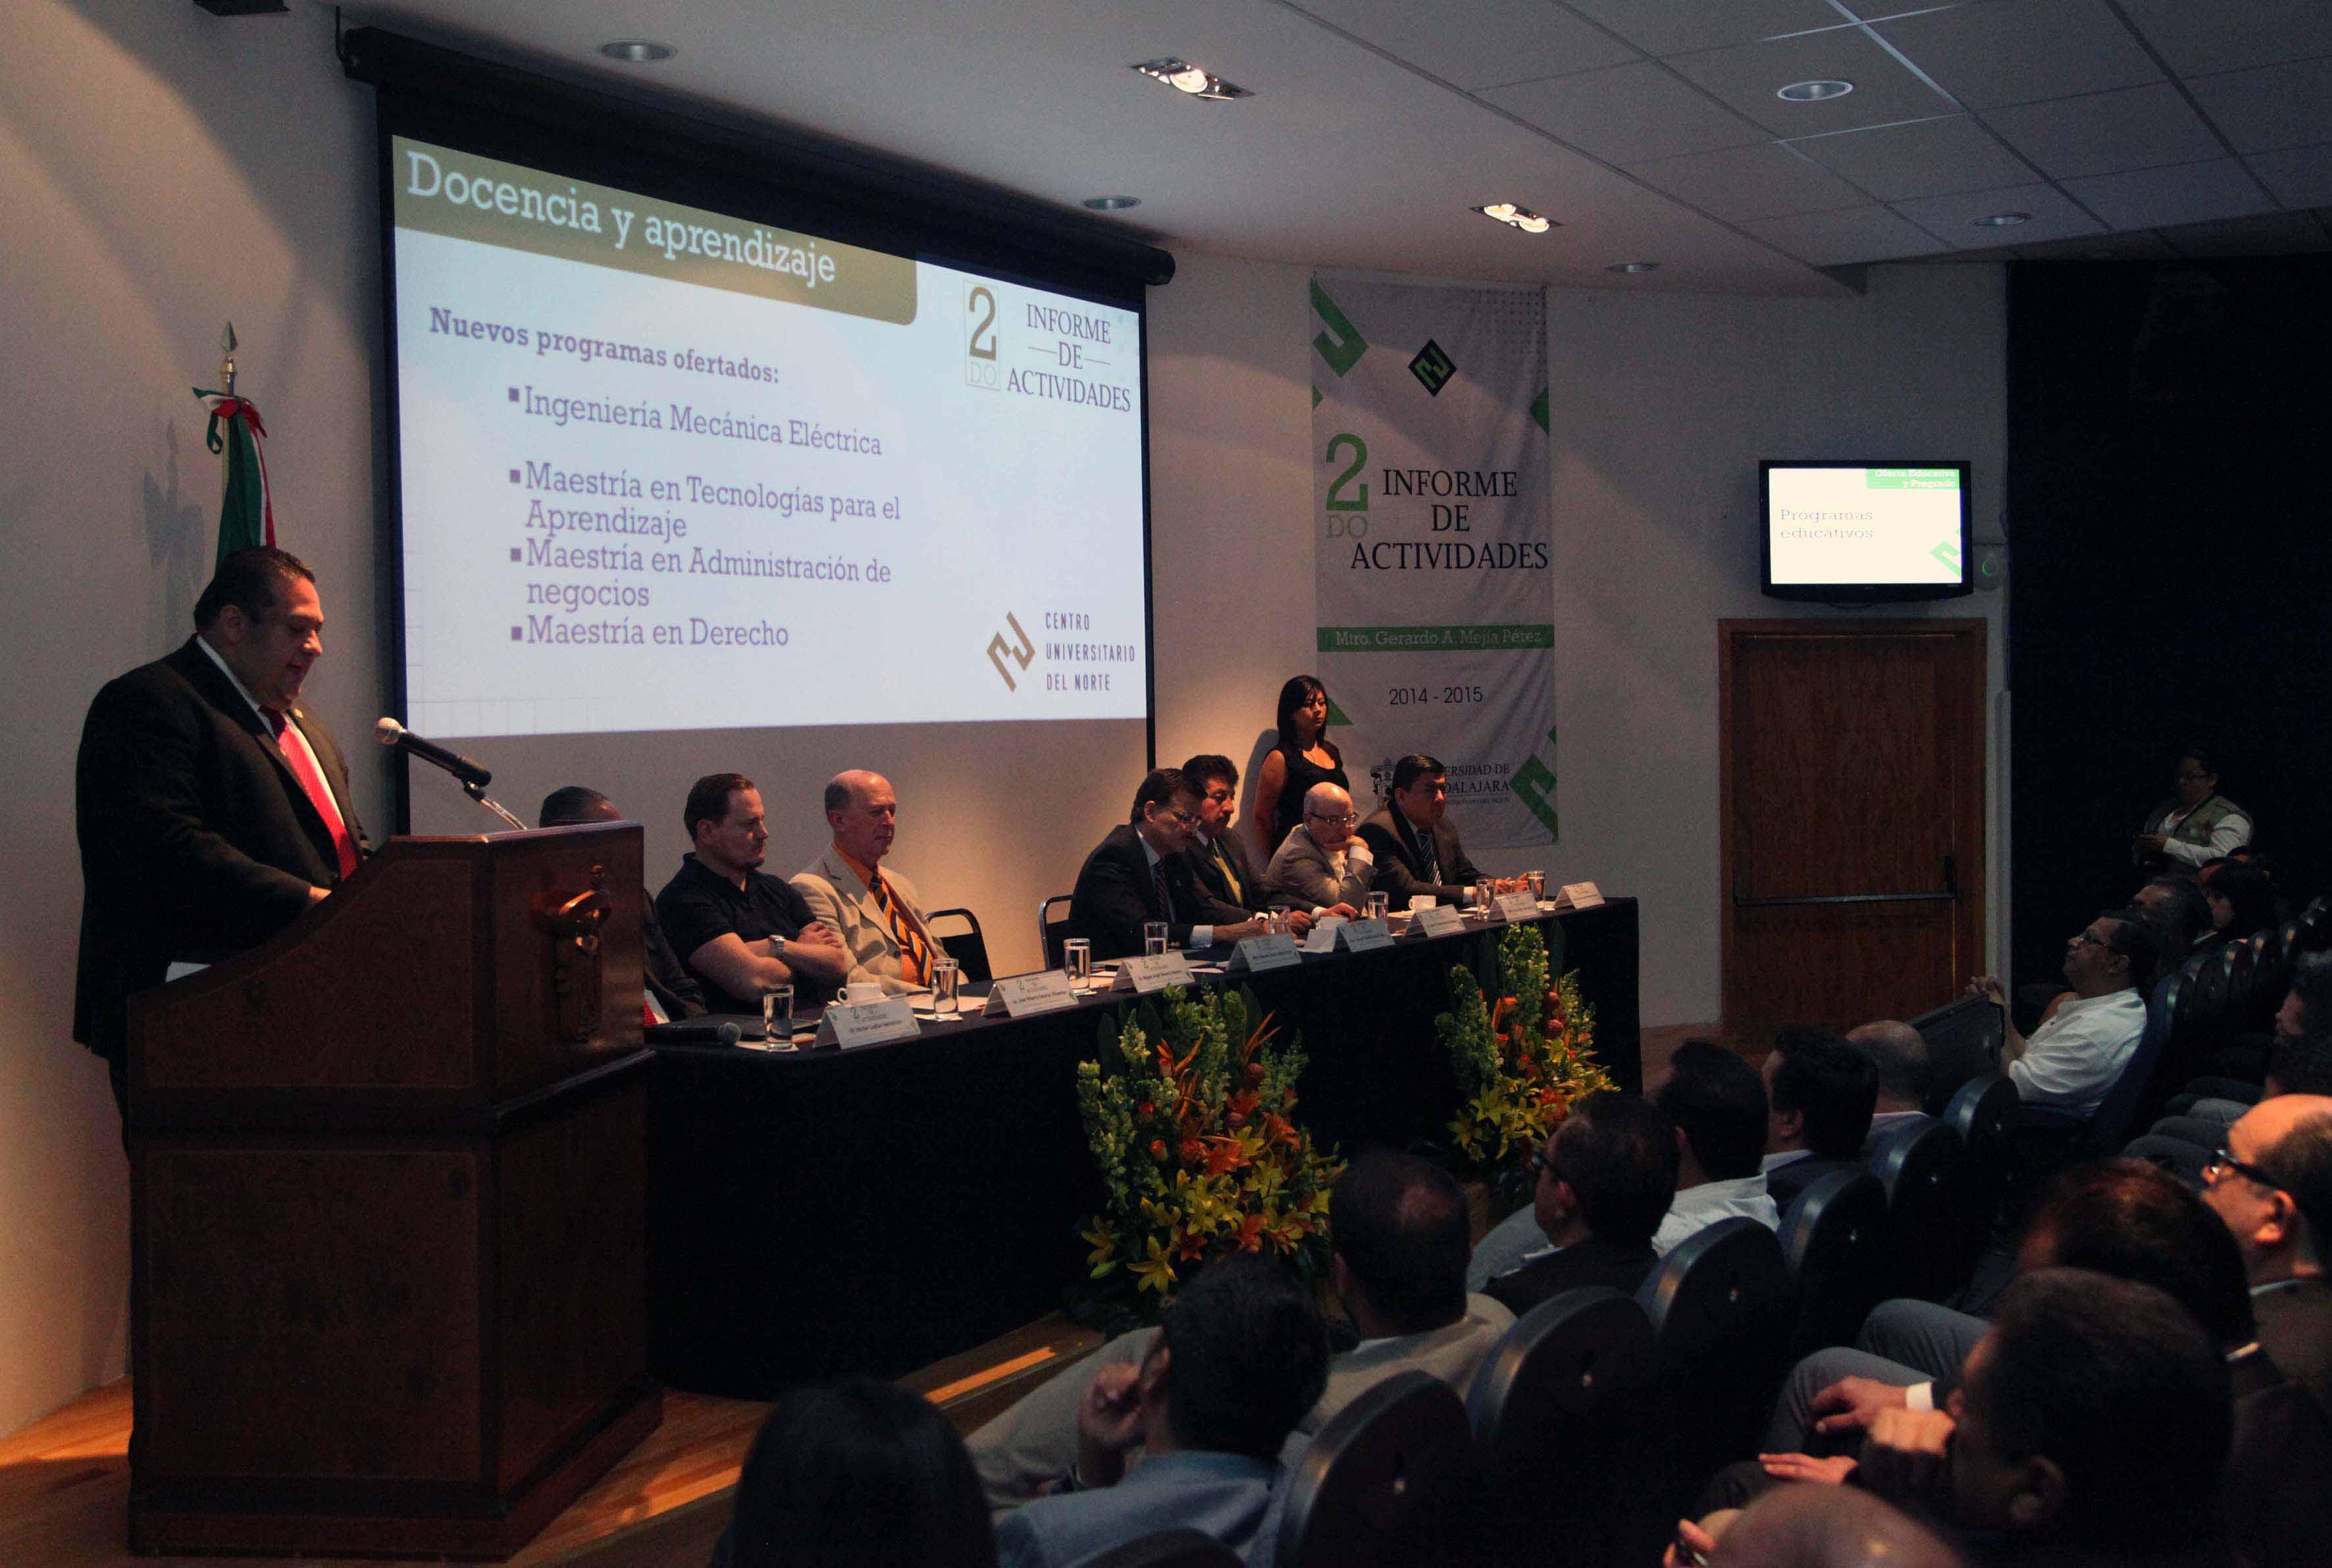 Inagruación del segundo informe de actividades del maestro Gerardo Alberto Mejía Pérez, Rector de CUNorte.